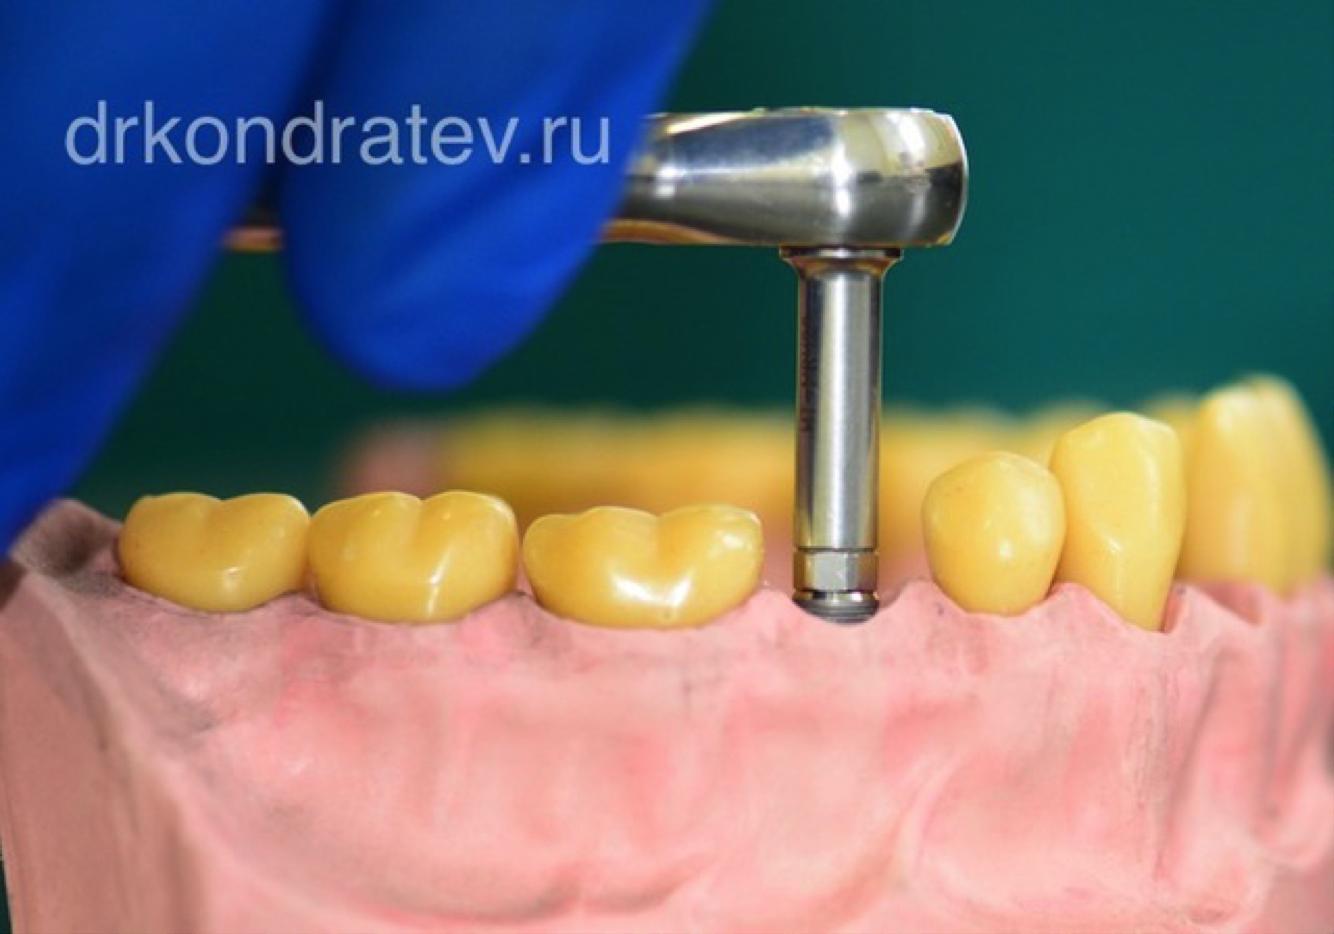 7 интересных фактов о формирователе десны при имплантации зубов